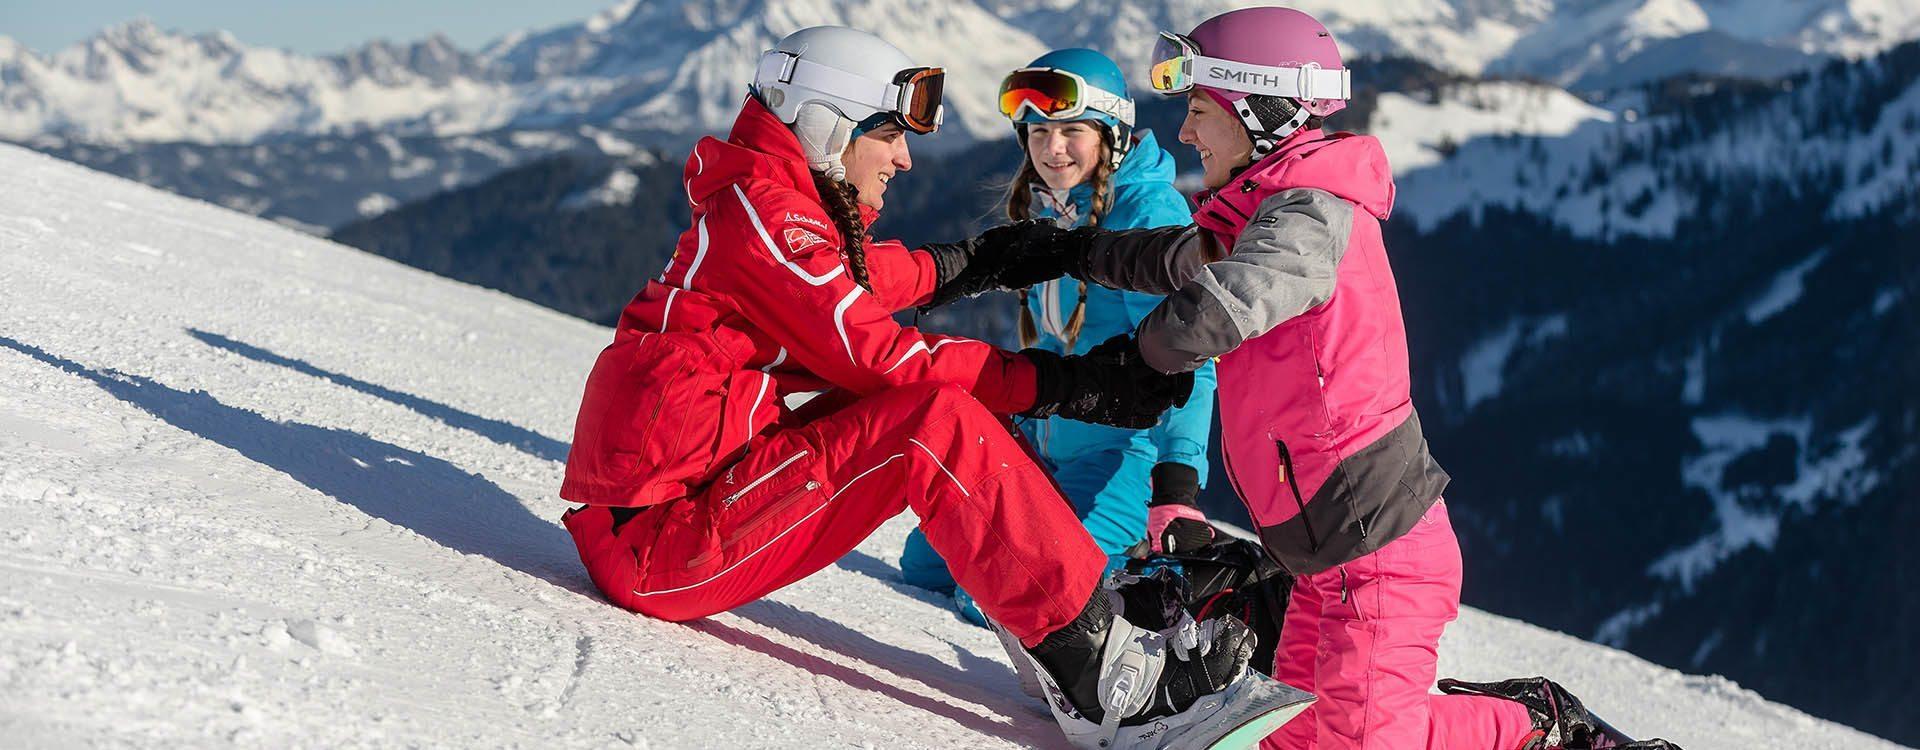 Skikurse & Snowboardkurse in der Schischule Top Alpin in Altenmarkt-Zauchensee, Ski amadé